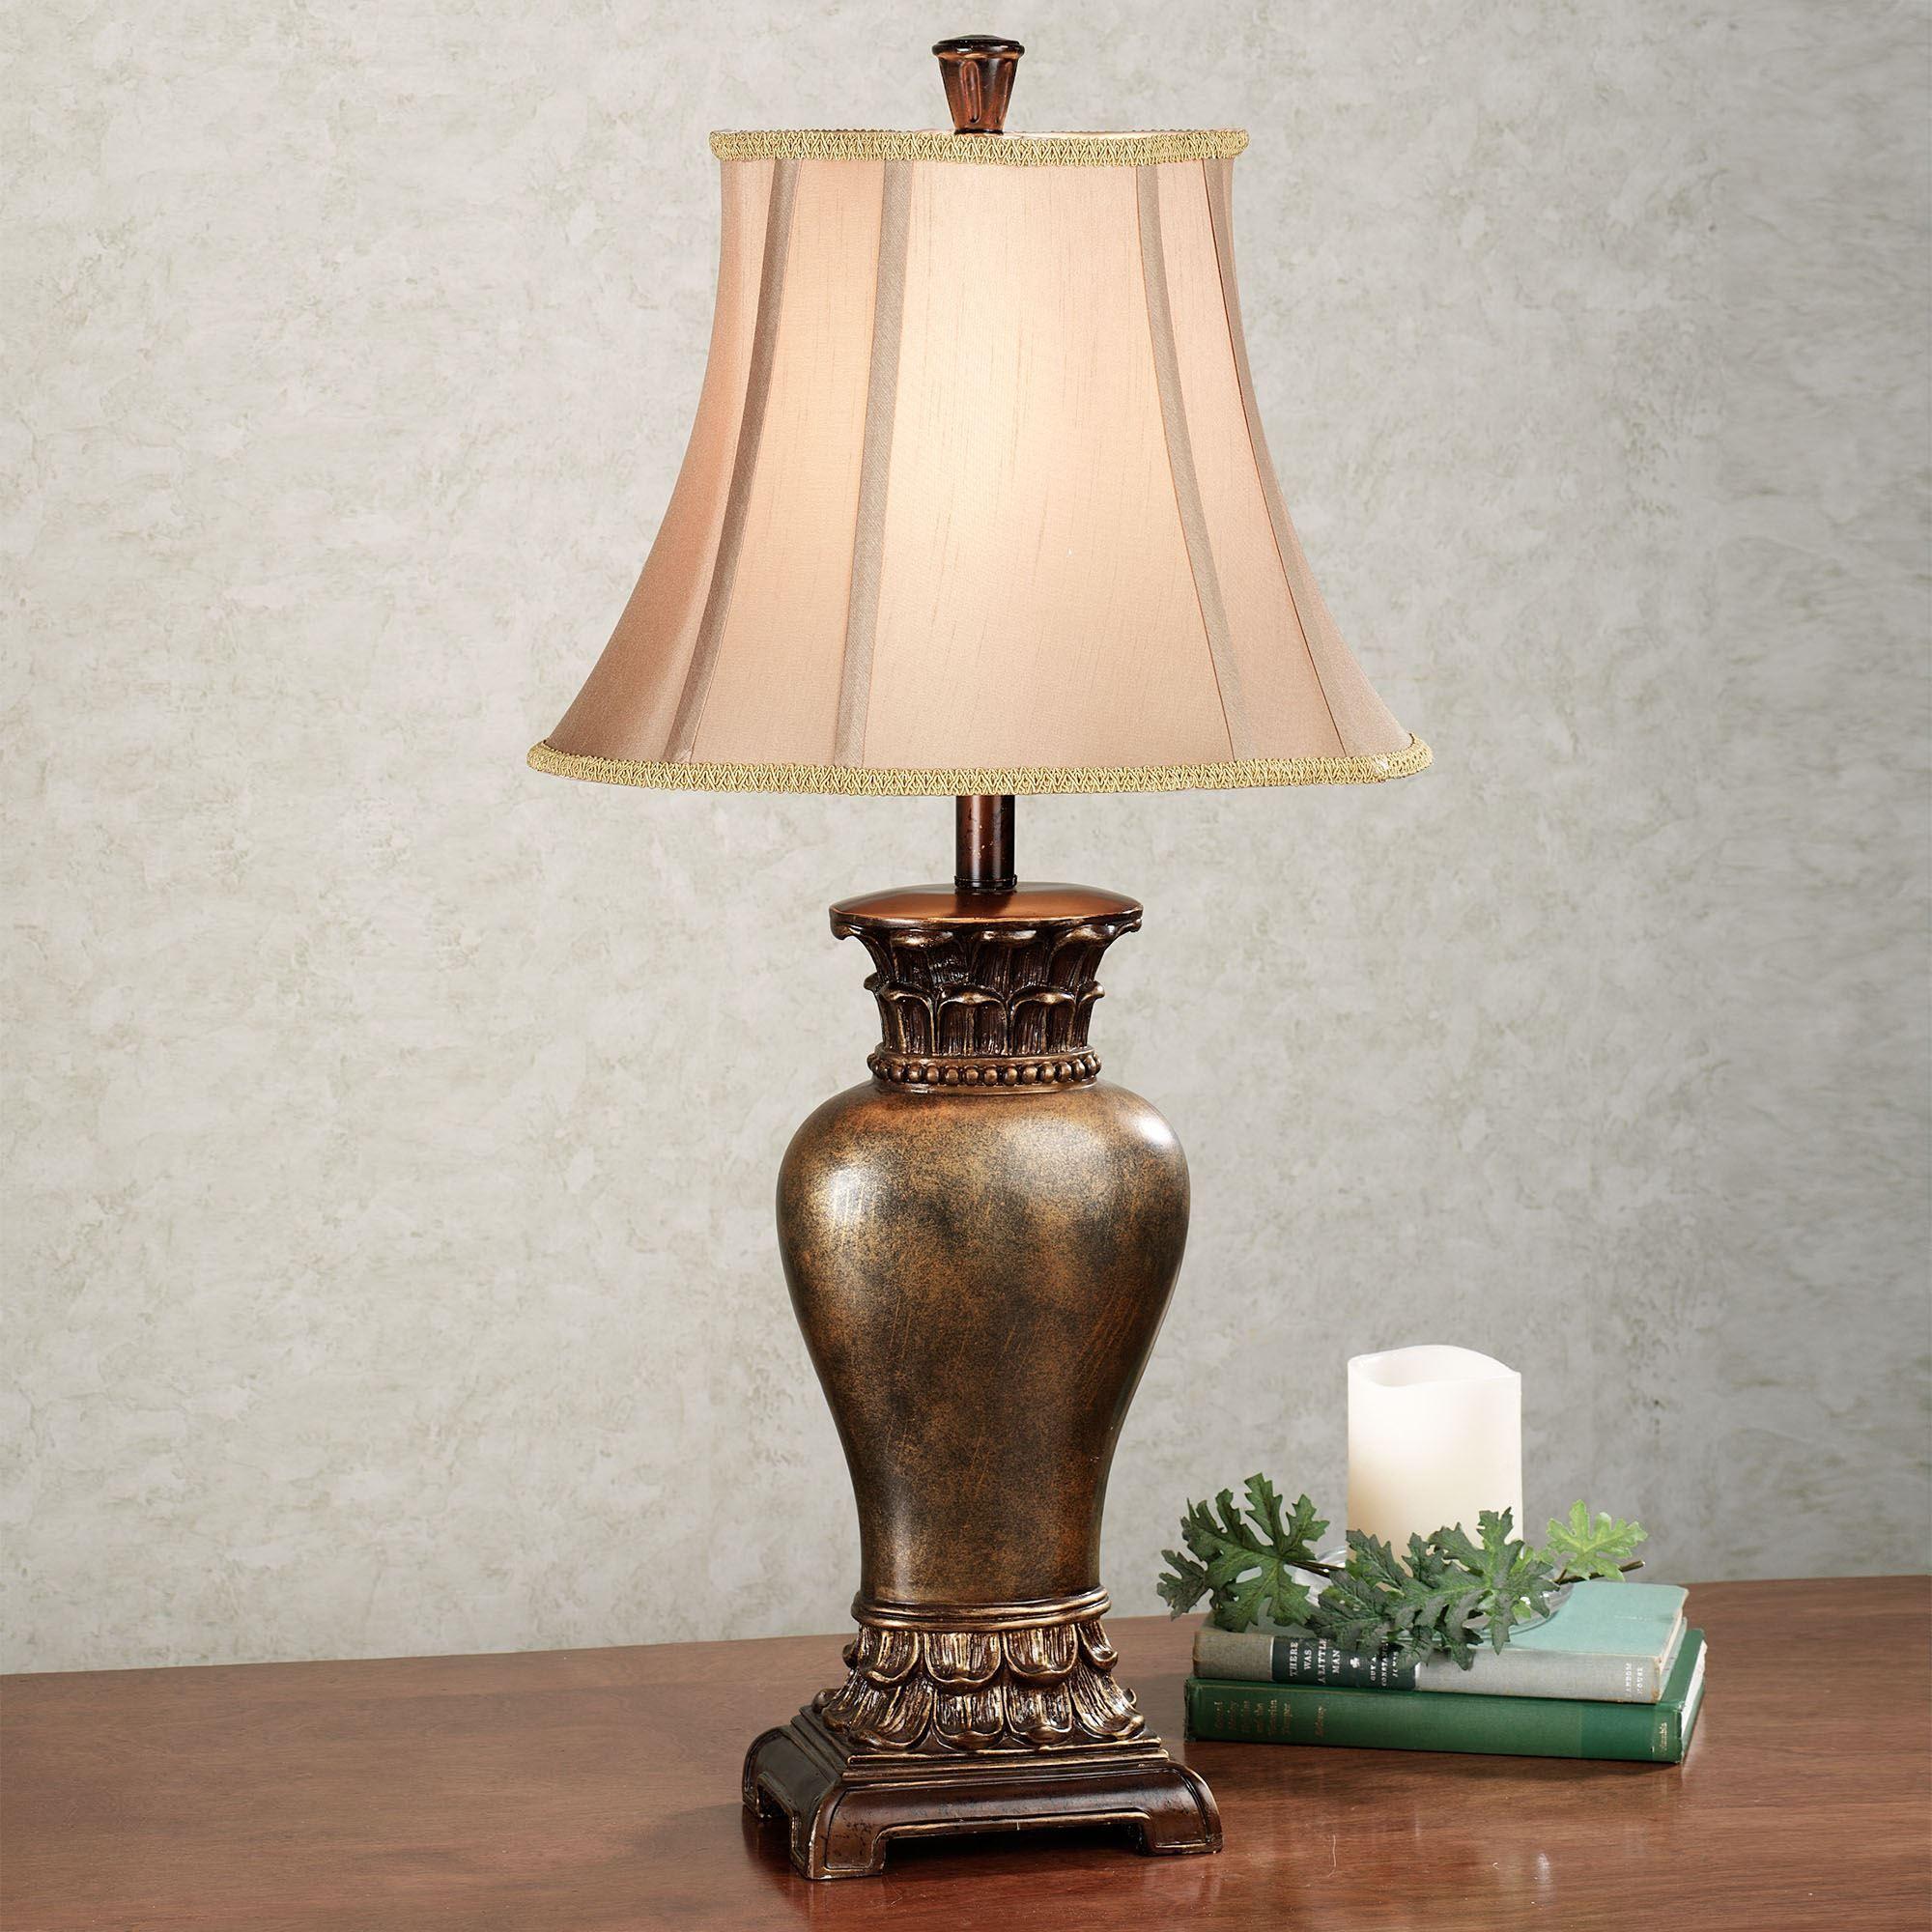 de lamp lis p table expand cordelia to textured click bronze fleur